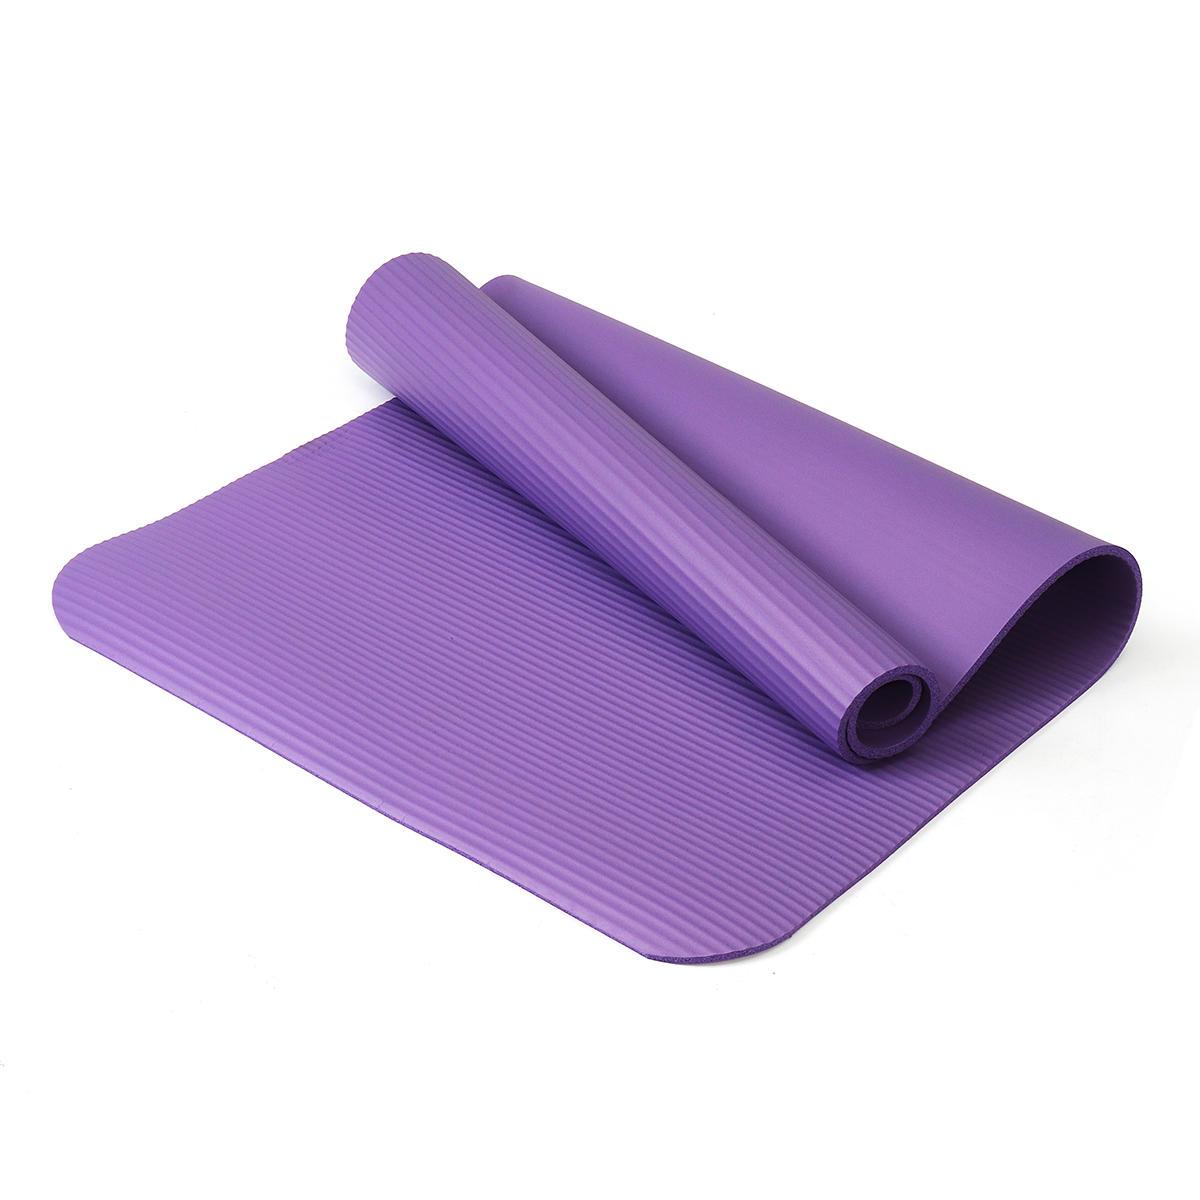 KALOAD 1200x610x10mm Yoga Mats Outdoor Indoor Fitness Mat Yoga Pad